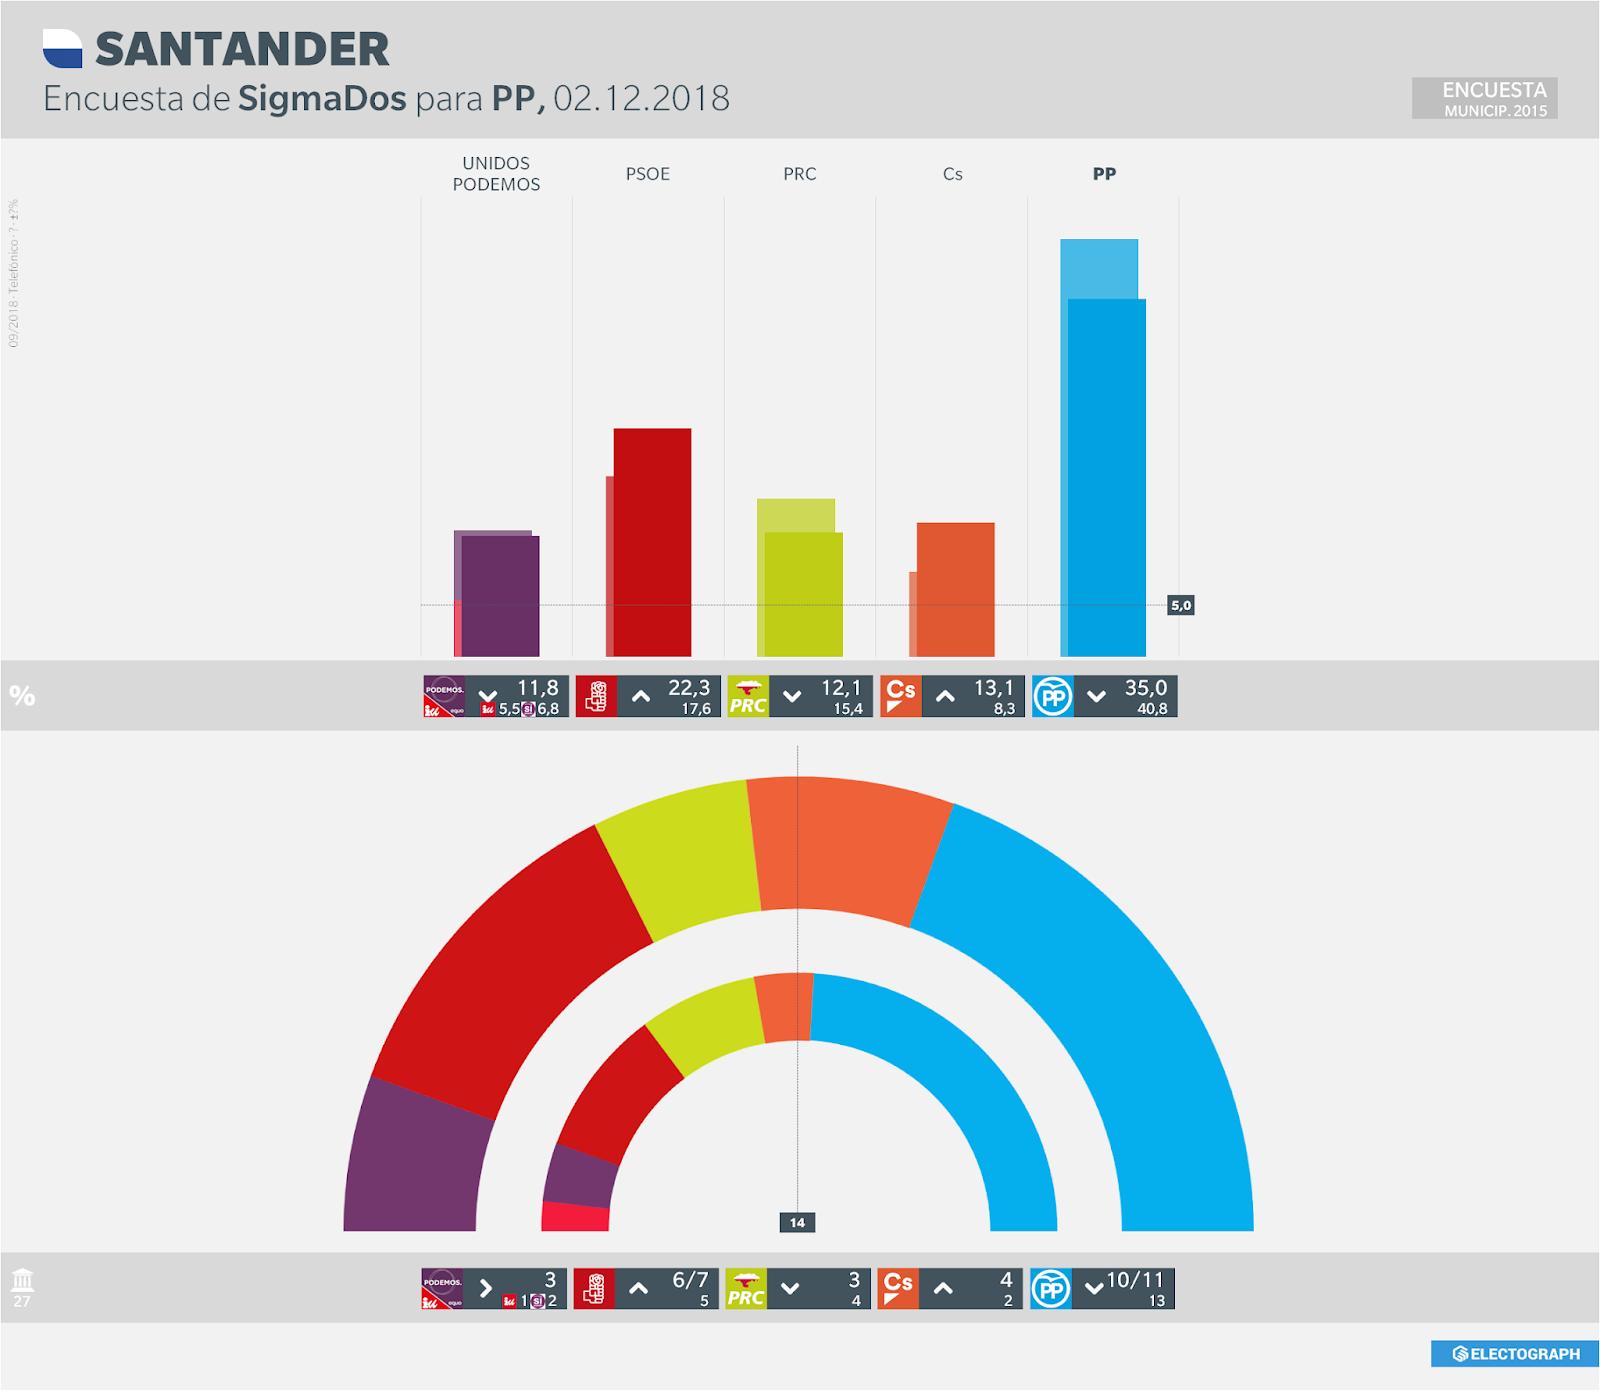 Gráfico de la encuesta para elecciones municipales en Santander realizada por SigmaDos para el PP en septiembre de 2018